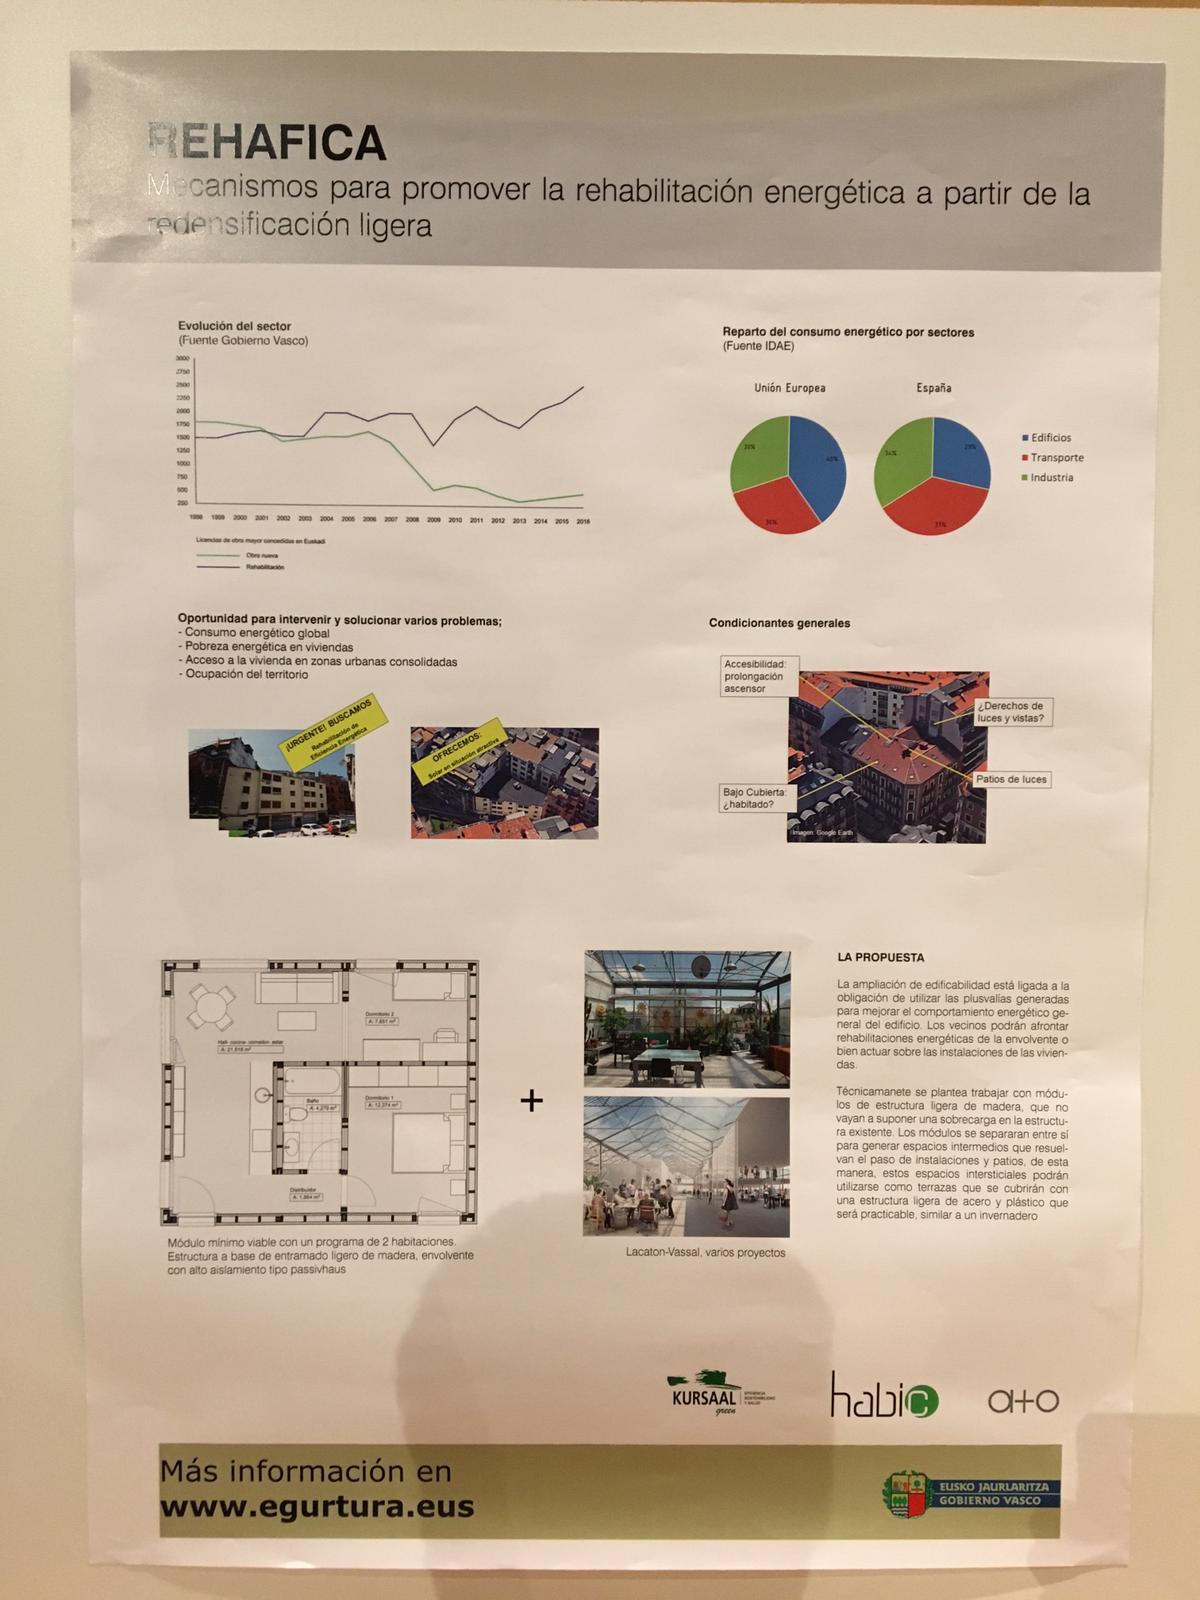 imagen 2 de noticia: nuestro-proyecto-de-investigacin-rehafica-el-cual-llevamos-a-cabo-junto-con-habic-y-a-o-arquitectos-presente-en-egurtek-2018